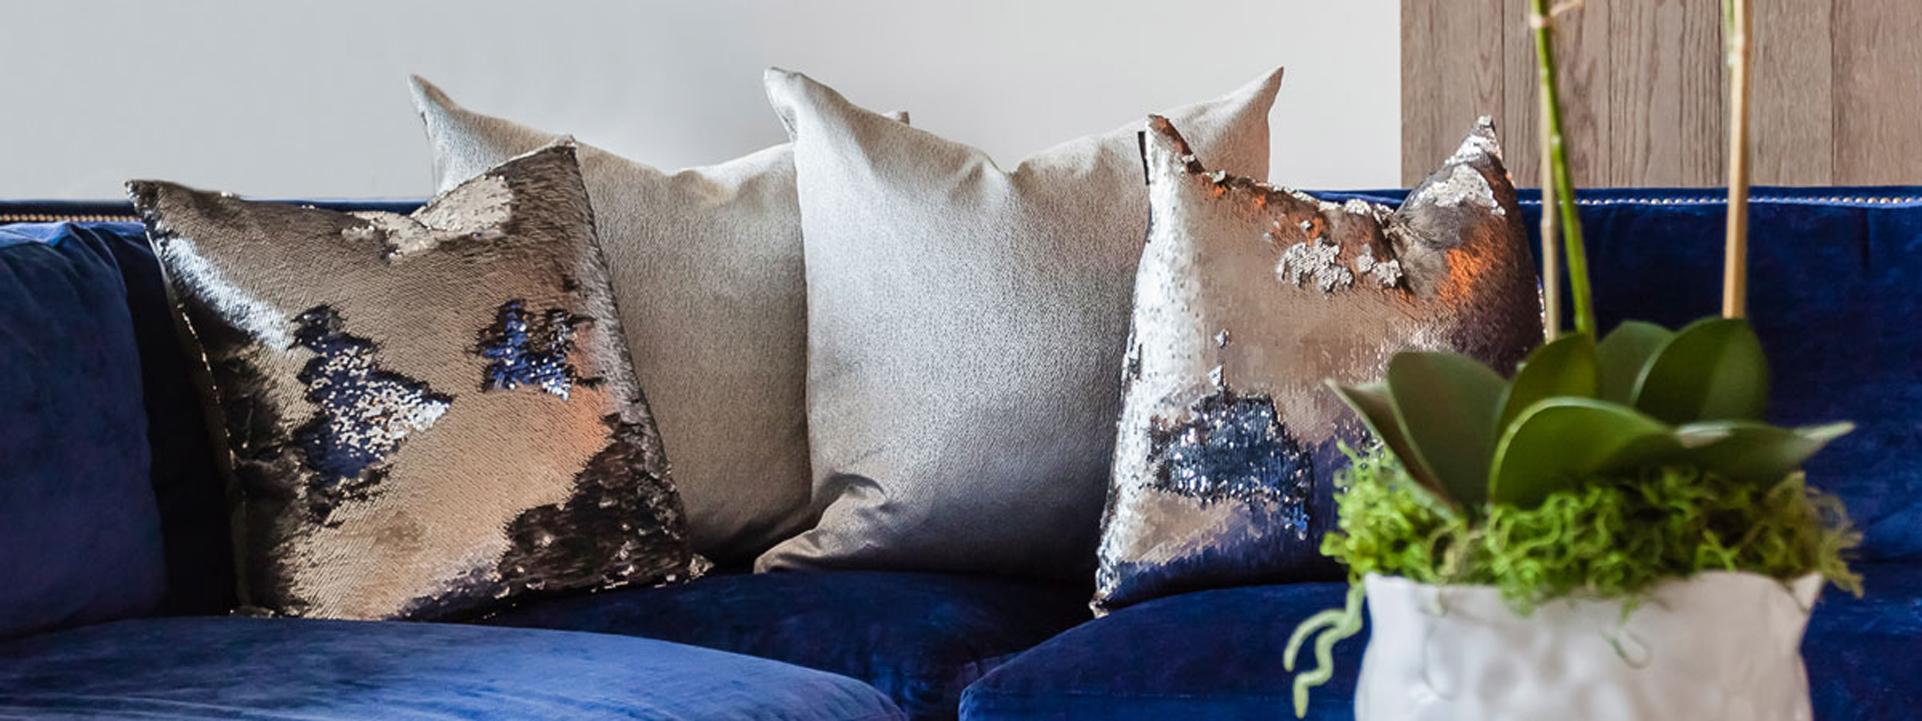 new-cat-pillows-patterns.jpg